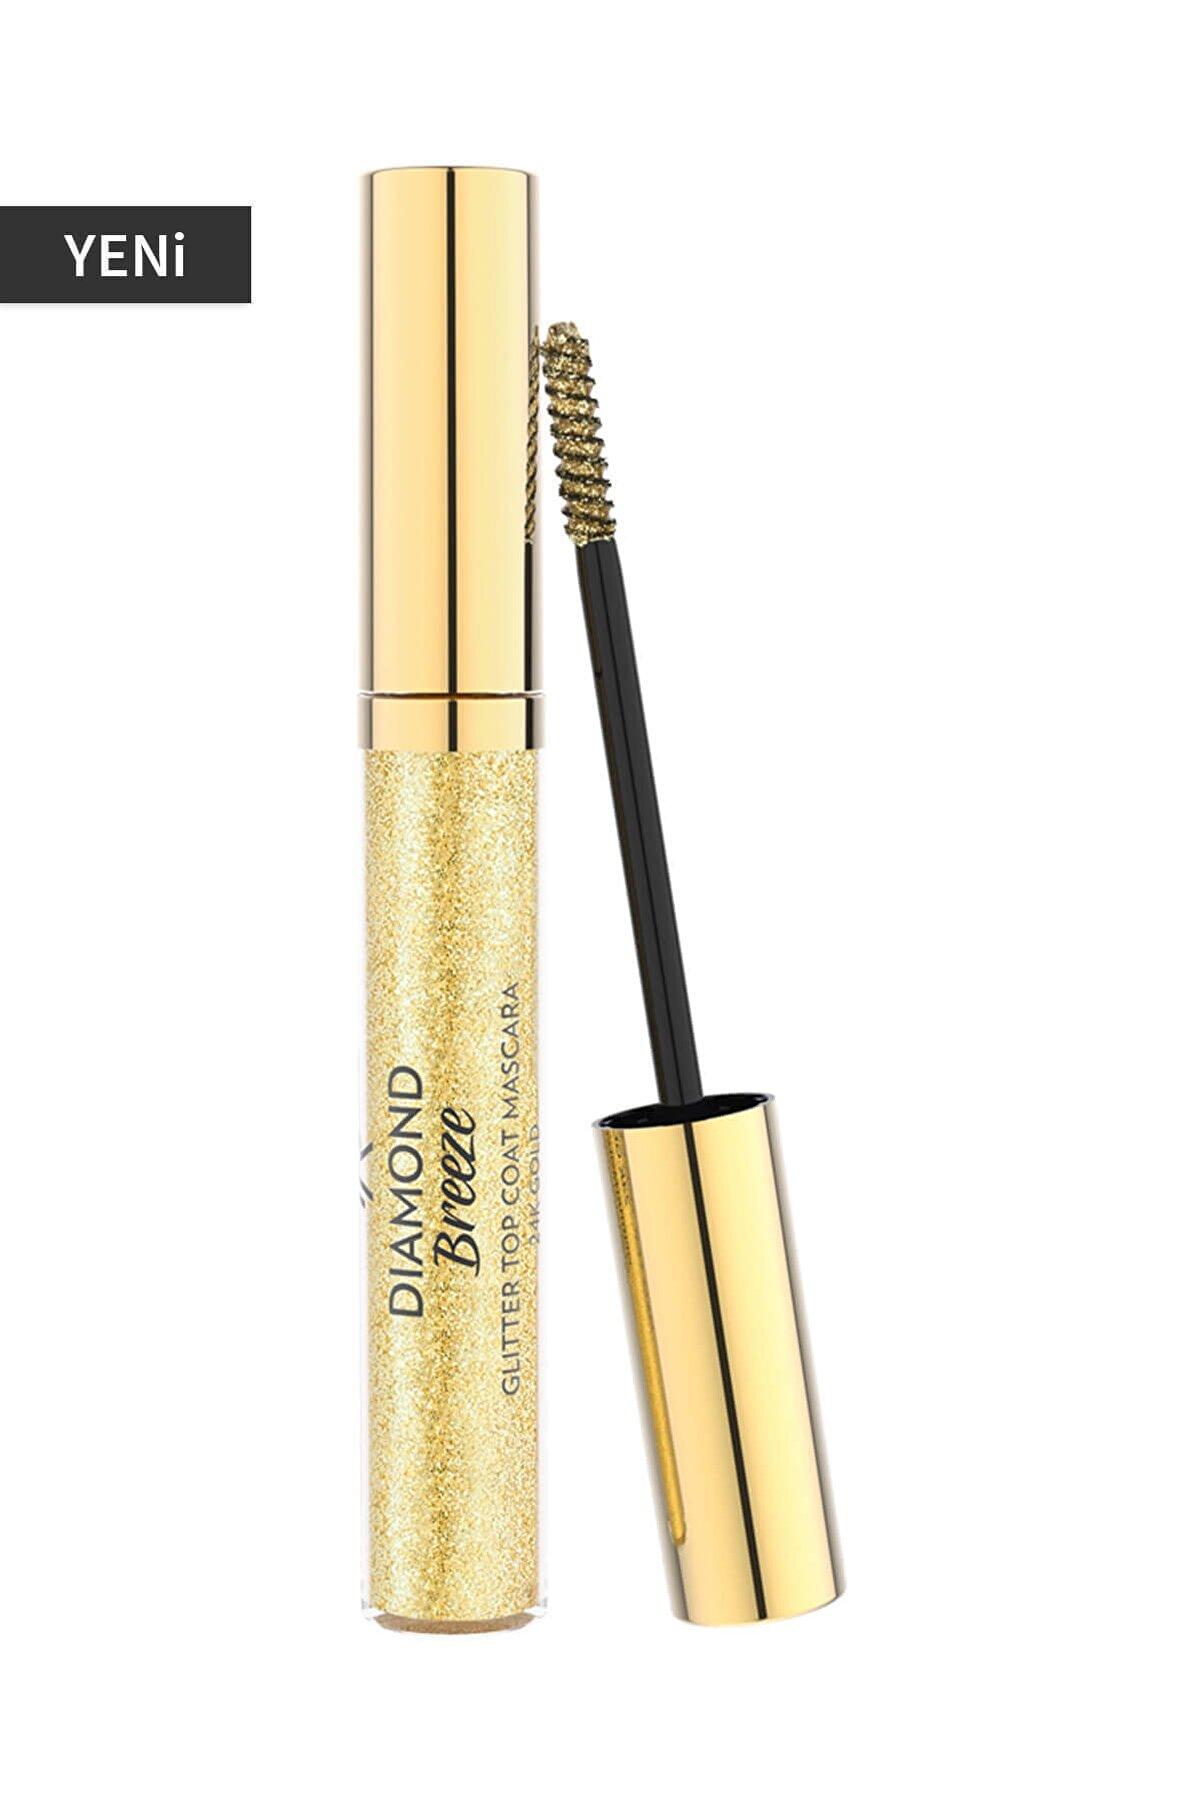 Golden Rose Işıltı Veren Altın Rengi Maskara - Diamond Breeze Topcoat Mascara 24k Gold 8691190965679